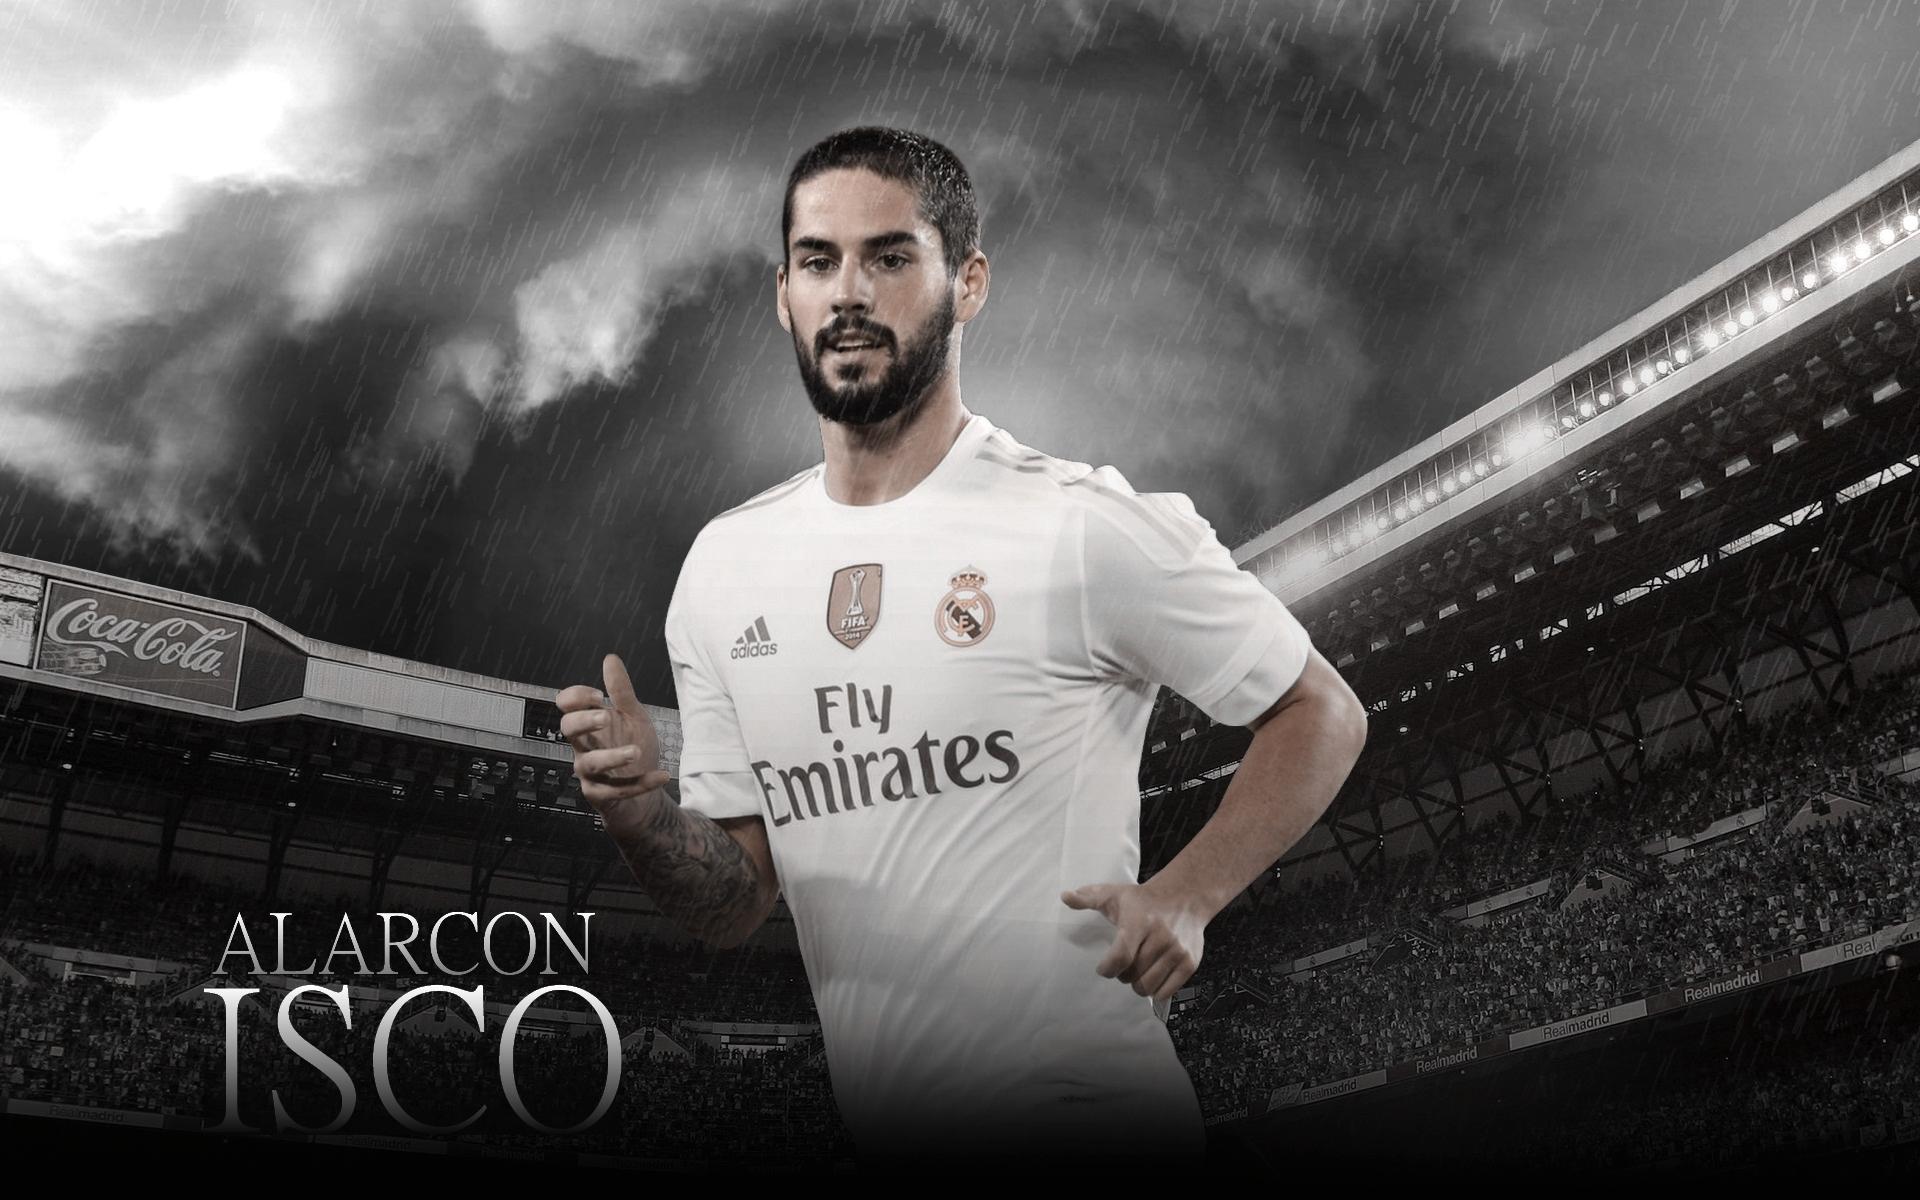 Isco Alarcon Real Madrid Fondo De Pantalla Hd Fondo De